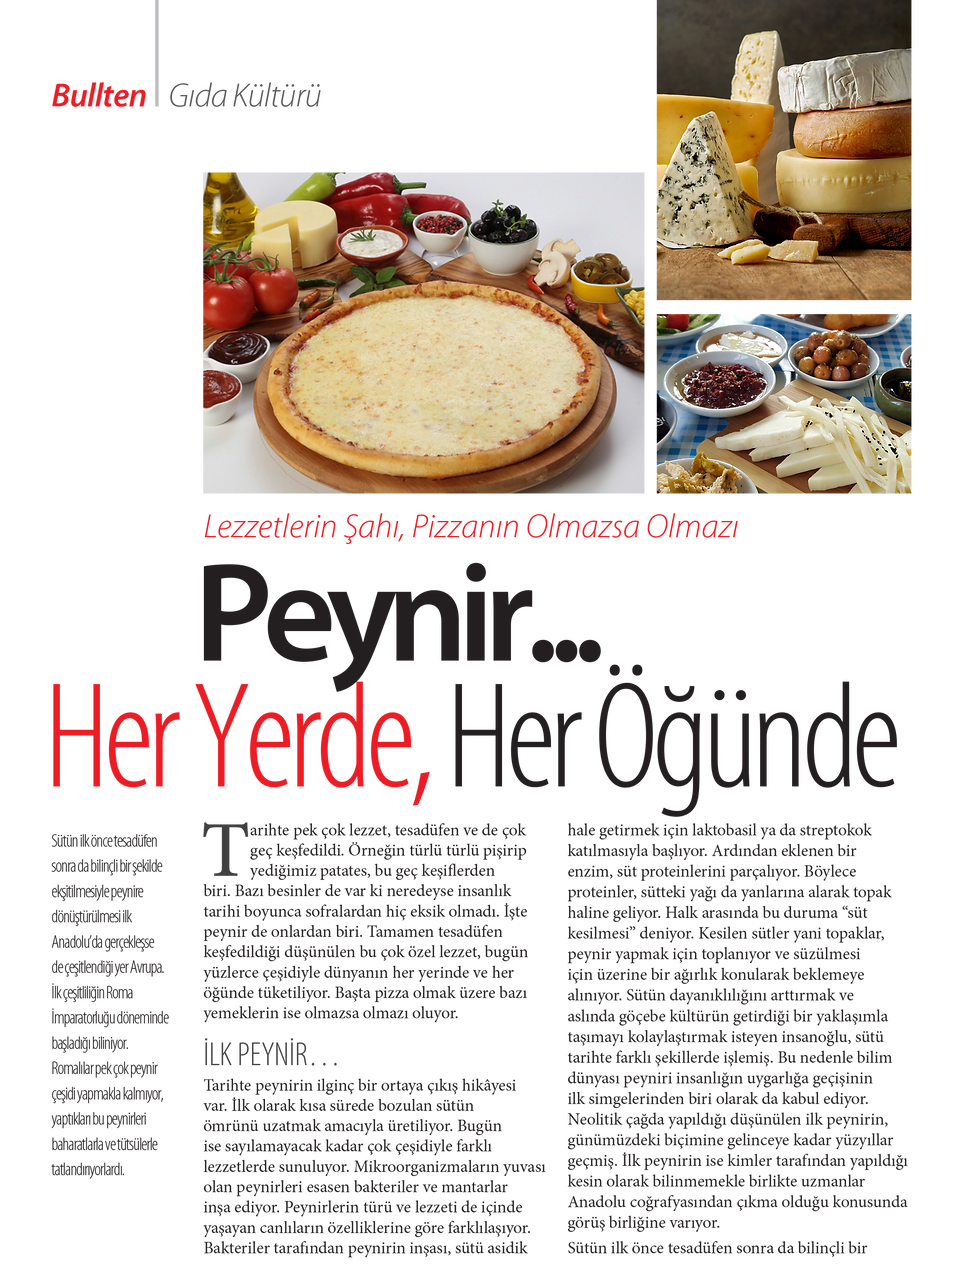 peynir-01.png